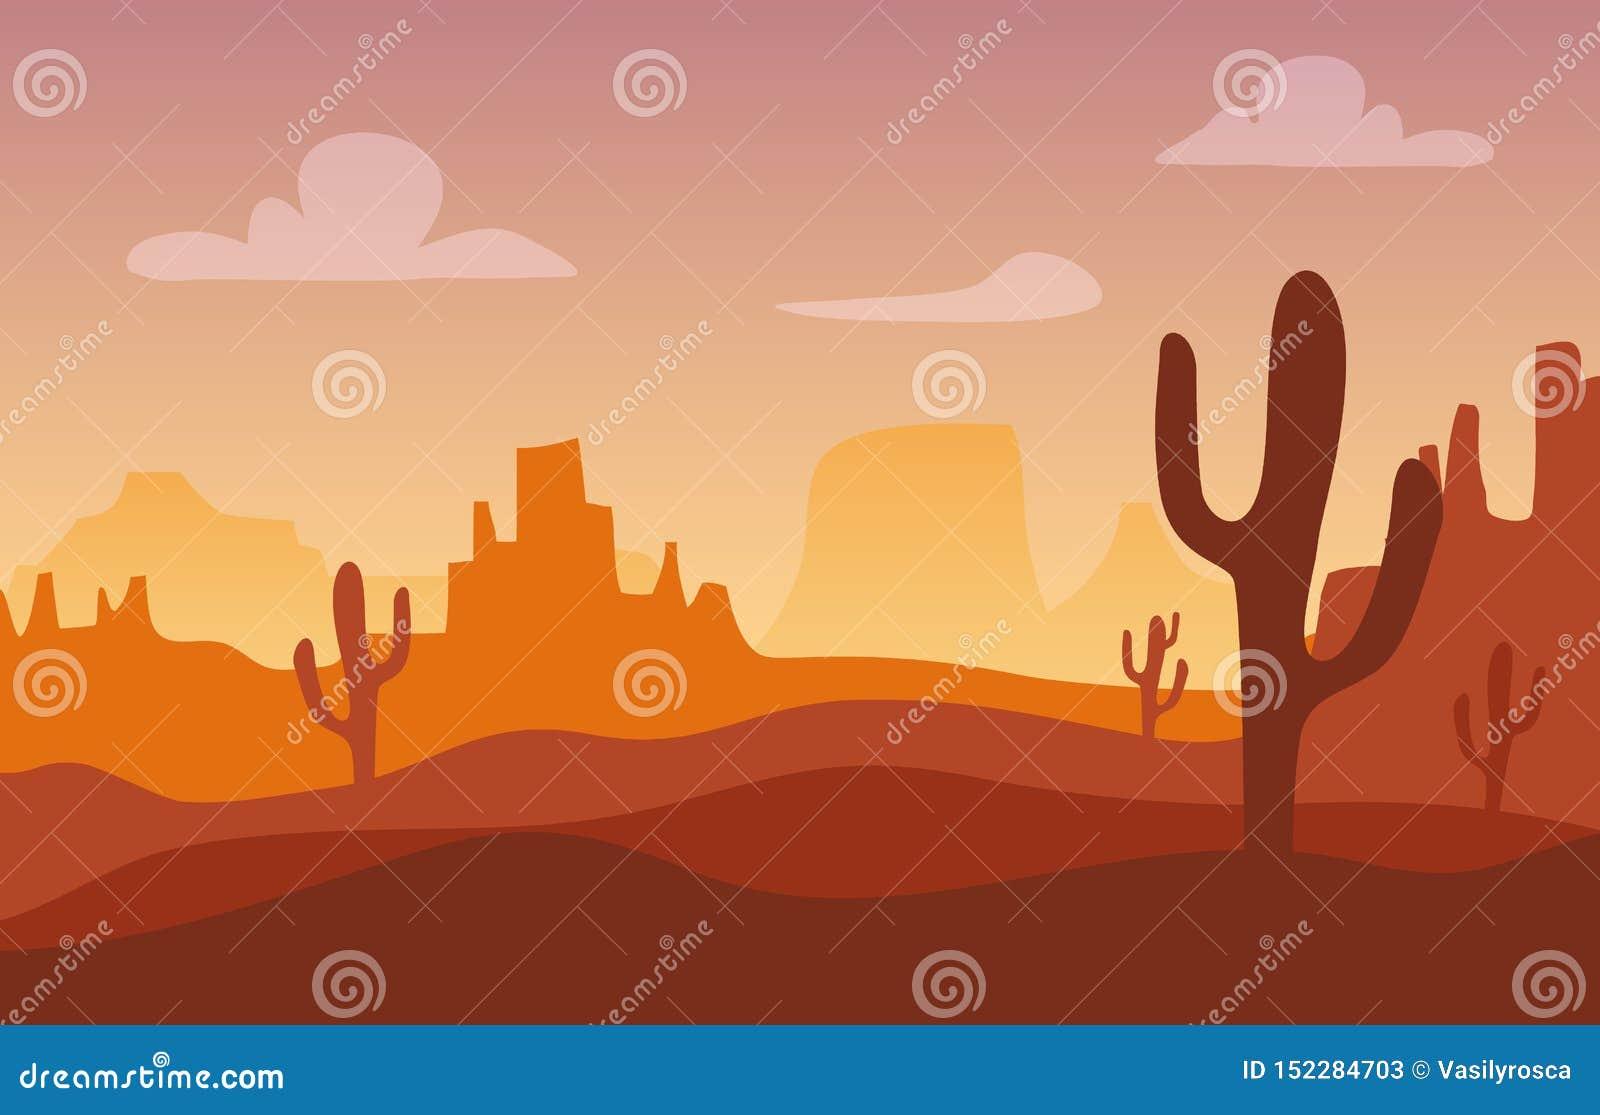 Het silhouetlandschap van de woestijnzonsondergang Westelijke het beeldverhaalachtergrond van Arizona of van Mexico met wilde cac